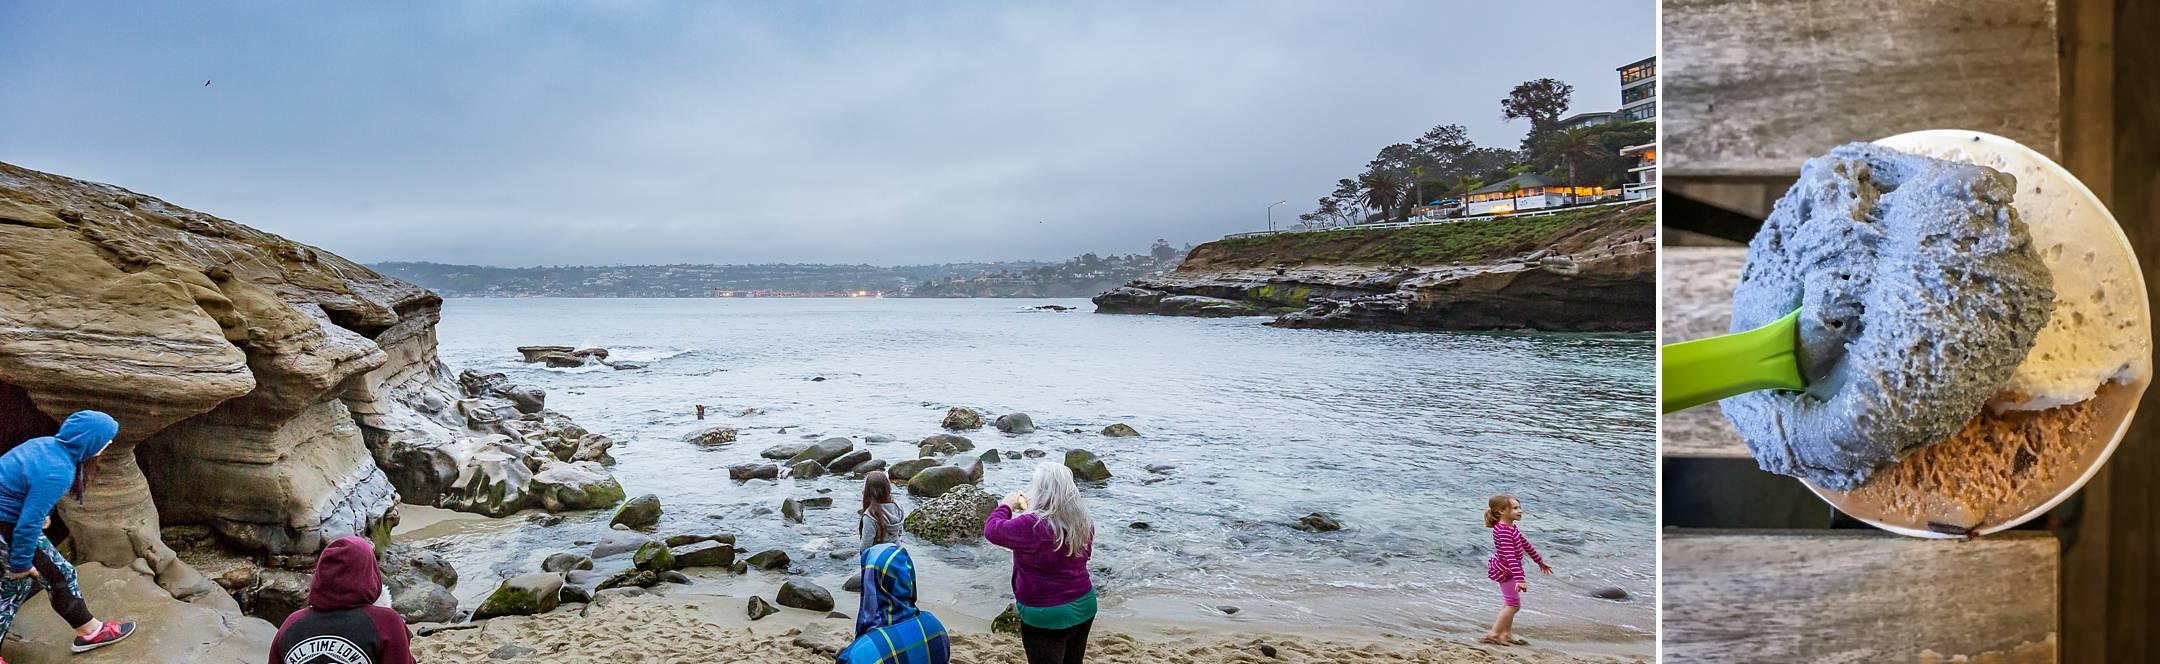 San Diego Travel Blog by Tom Priscilla Schmidt